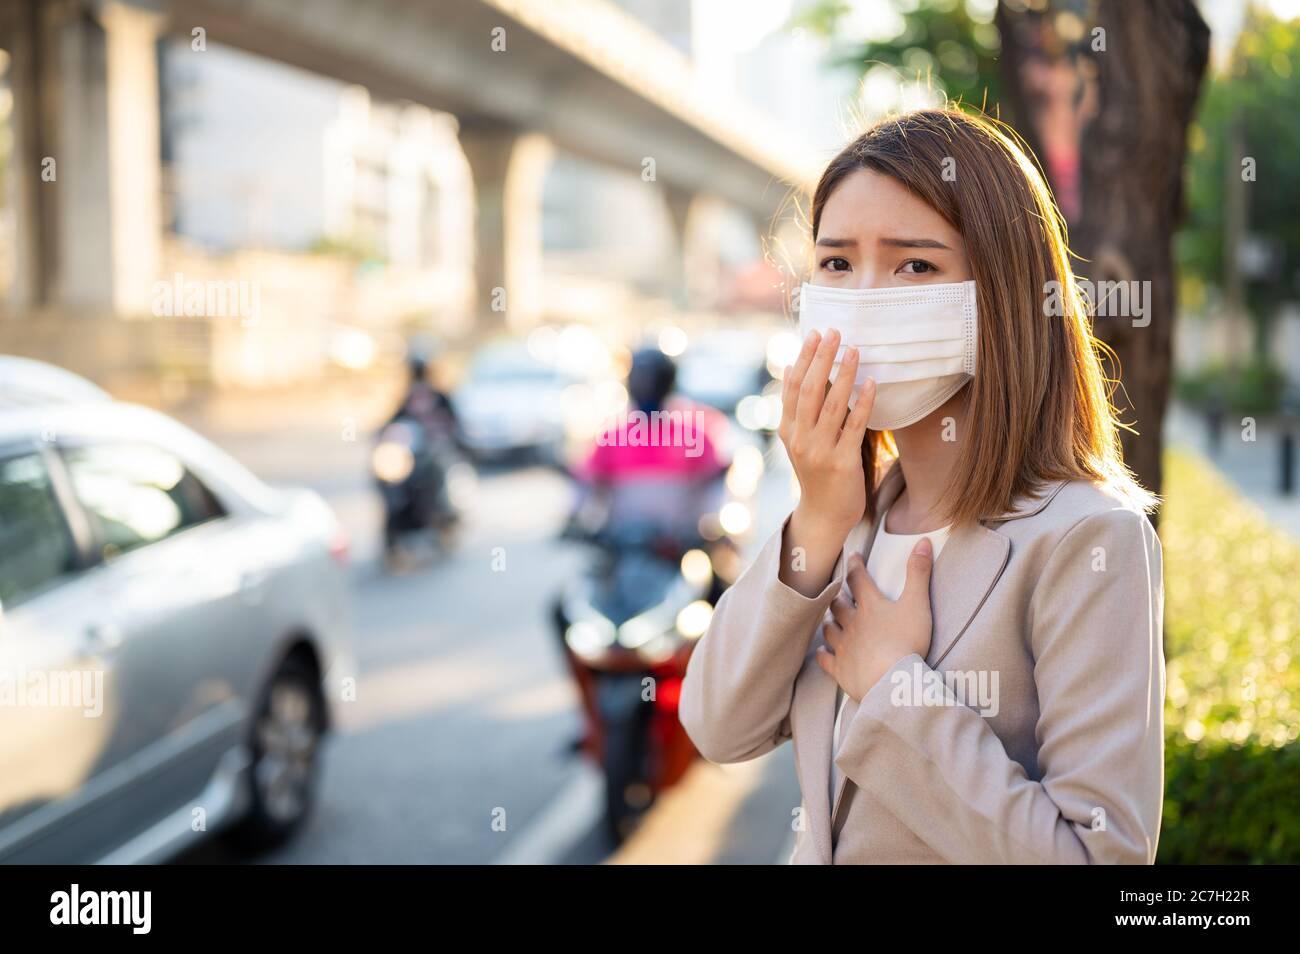 Junge Geschäftsfrau trägt chirurgische Maske und hugen beim Gehen in der Öffentlichkeit in Coronavirus oder COVID-19 Verbreitung Situation Stockfoto